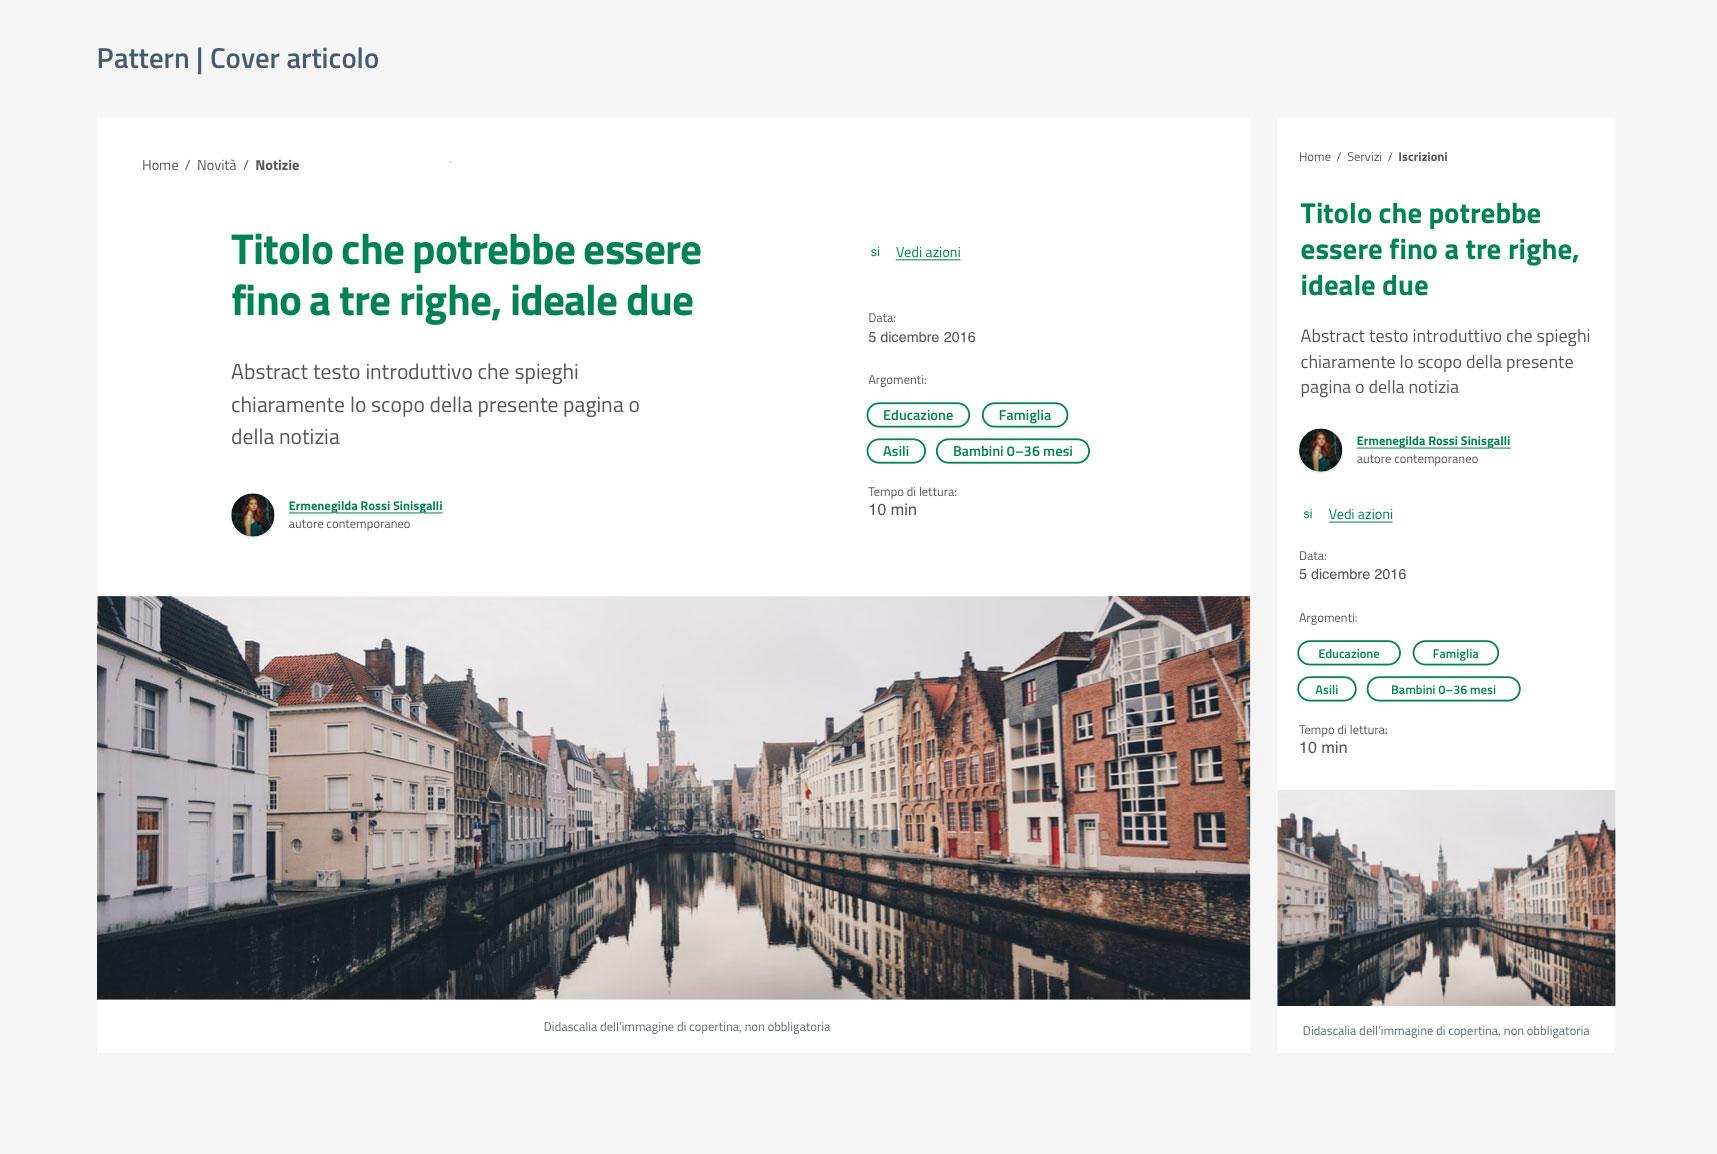 nasonero_Team-digitale_progetto-comuni-griglie_senza